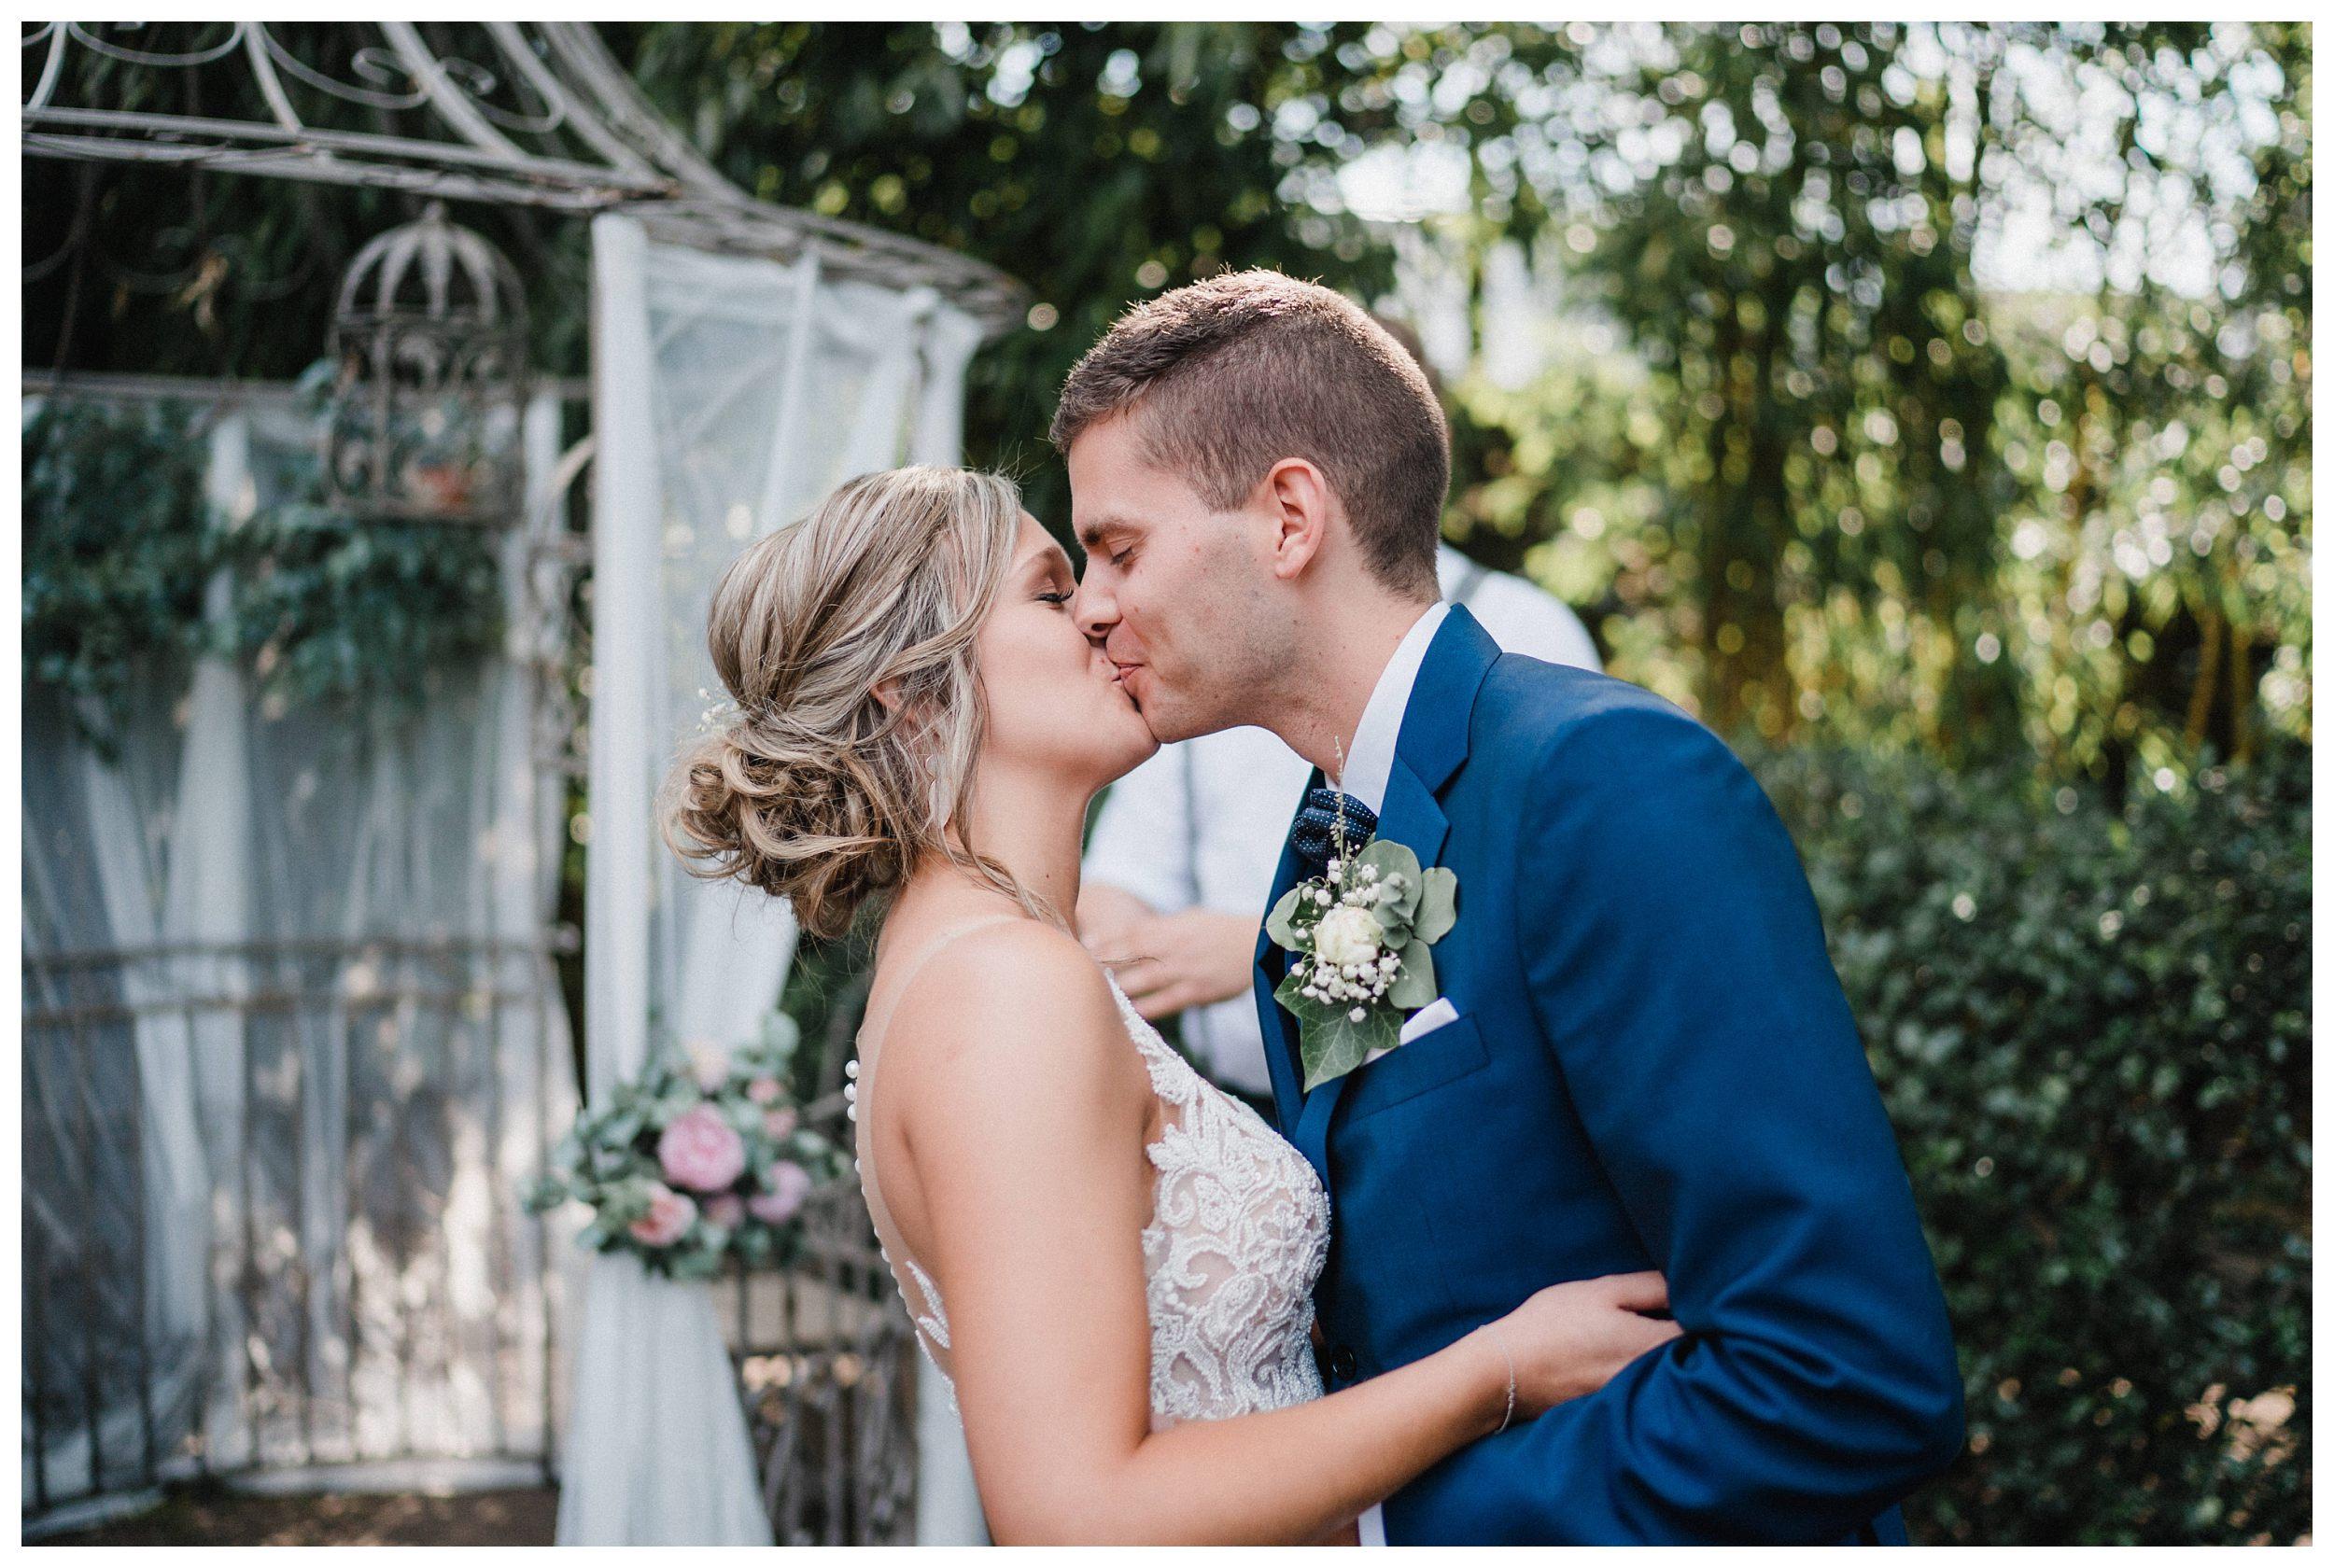 huwelijksfotograaf bruidsfotograaf destinationwedding huwelijksfotografie in mol oostham (52).jpg